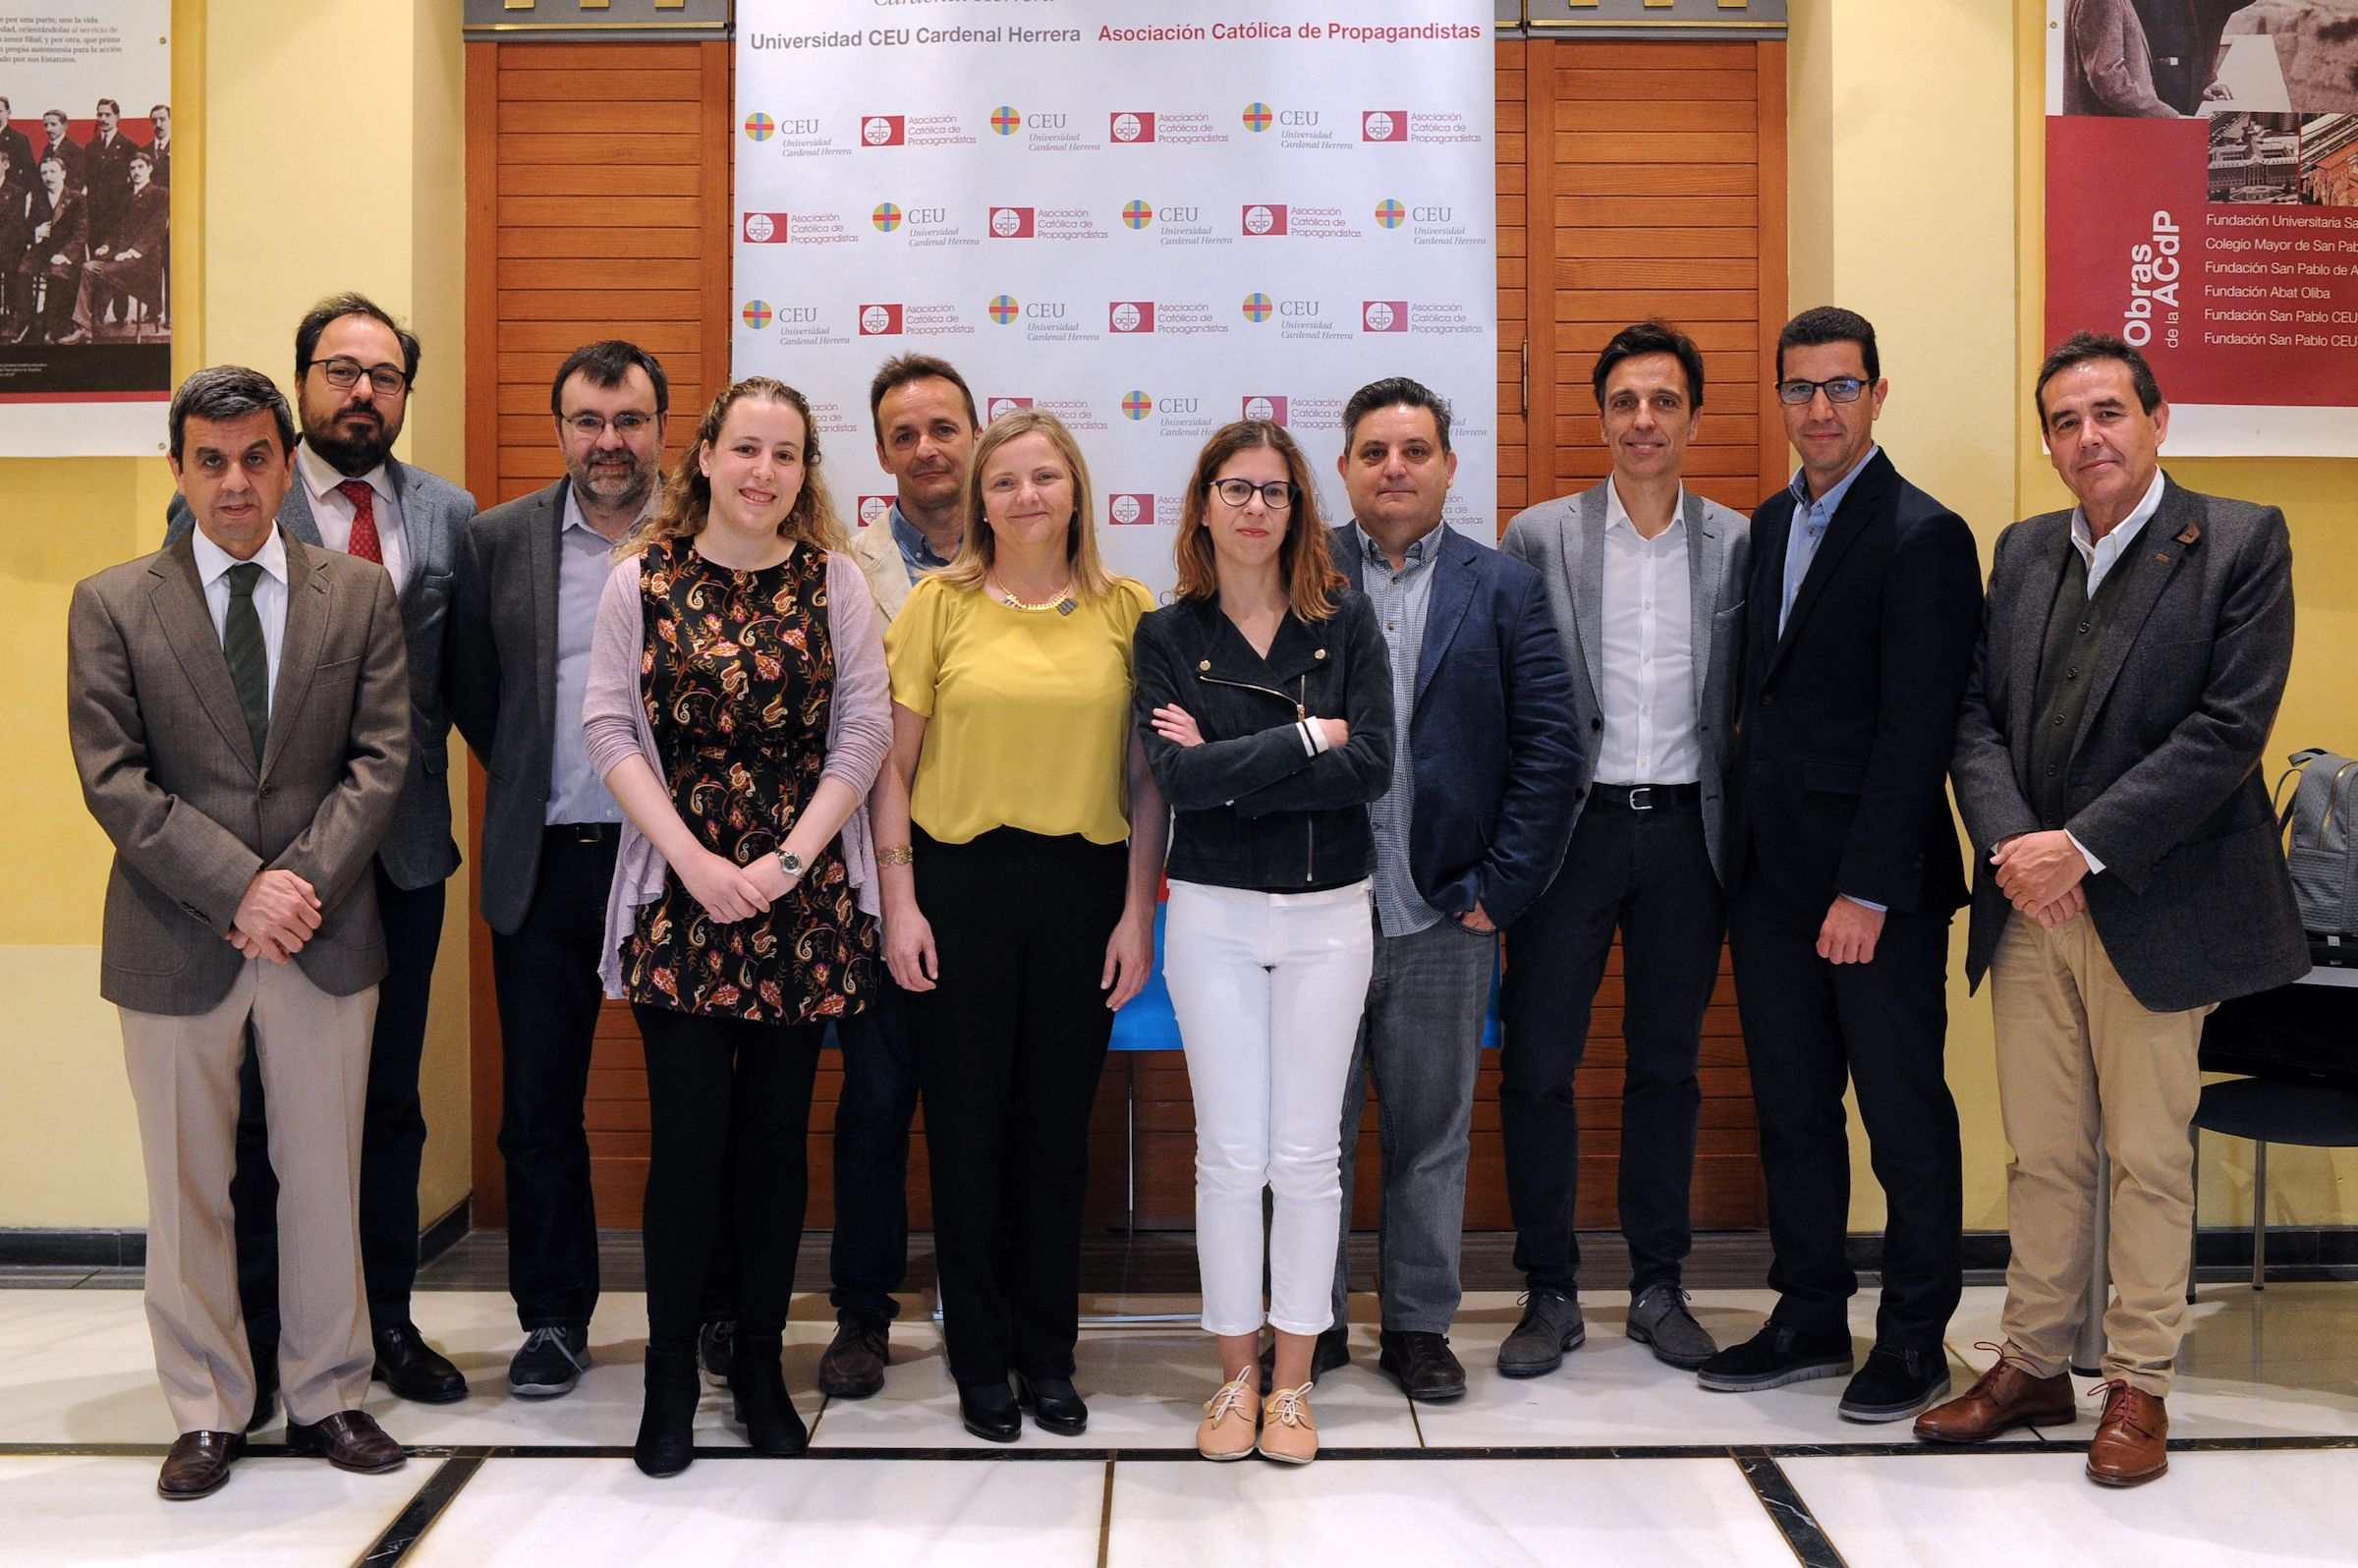 Ponentes, organizadores y colaboradores de las Jornadas de Periodismo Digital del Observatorio OIMED, en la CEU UCH.